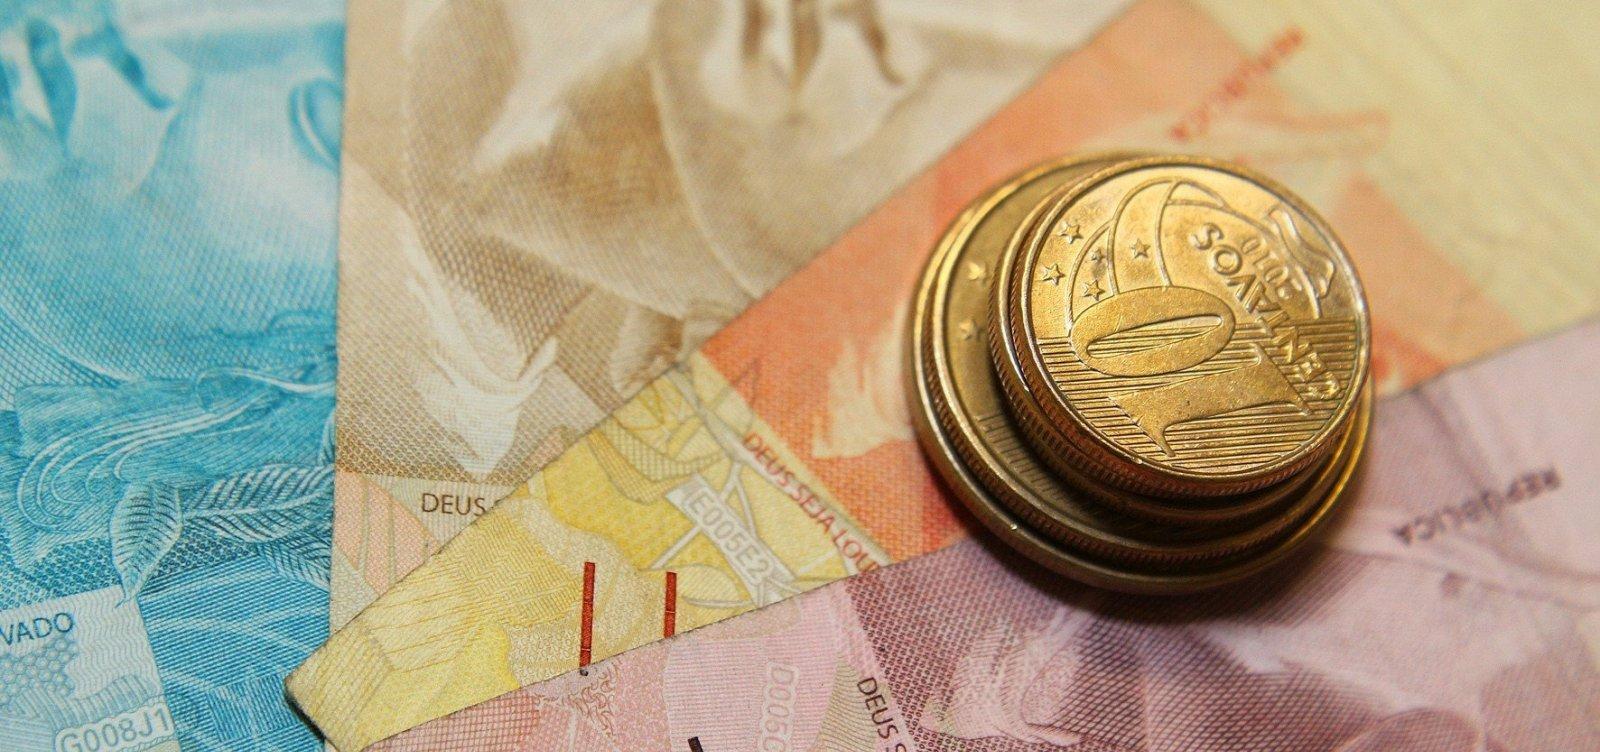 [Inflação para famílias com renda mais baixa fica em 0,49% em fevereiro]